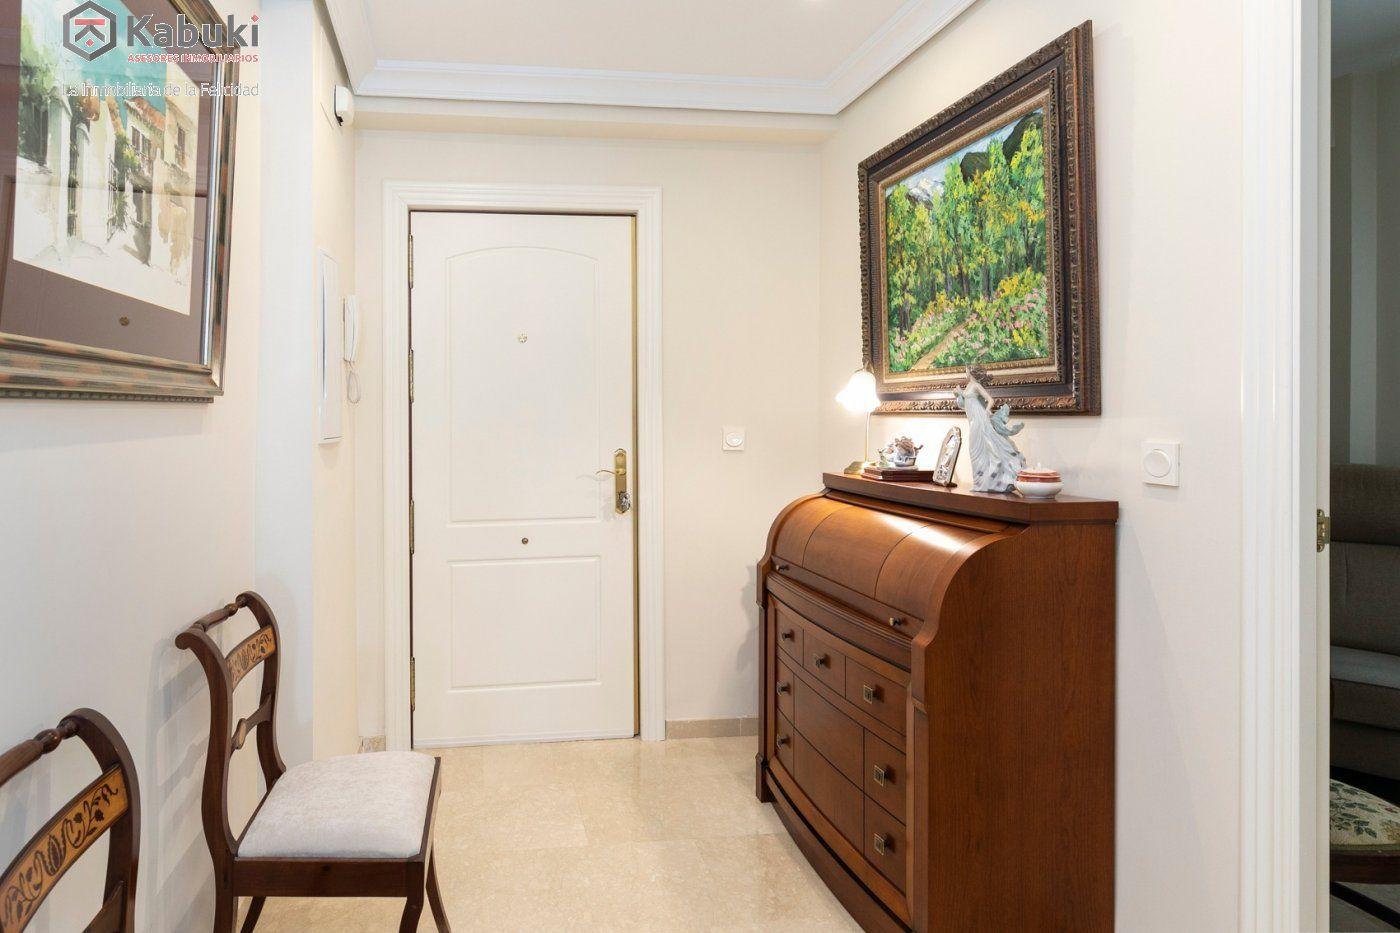 Magnífico piso en zona de recogidas, espacioso y luminoso en planta alta. - imagenInmueble6